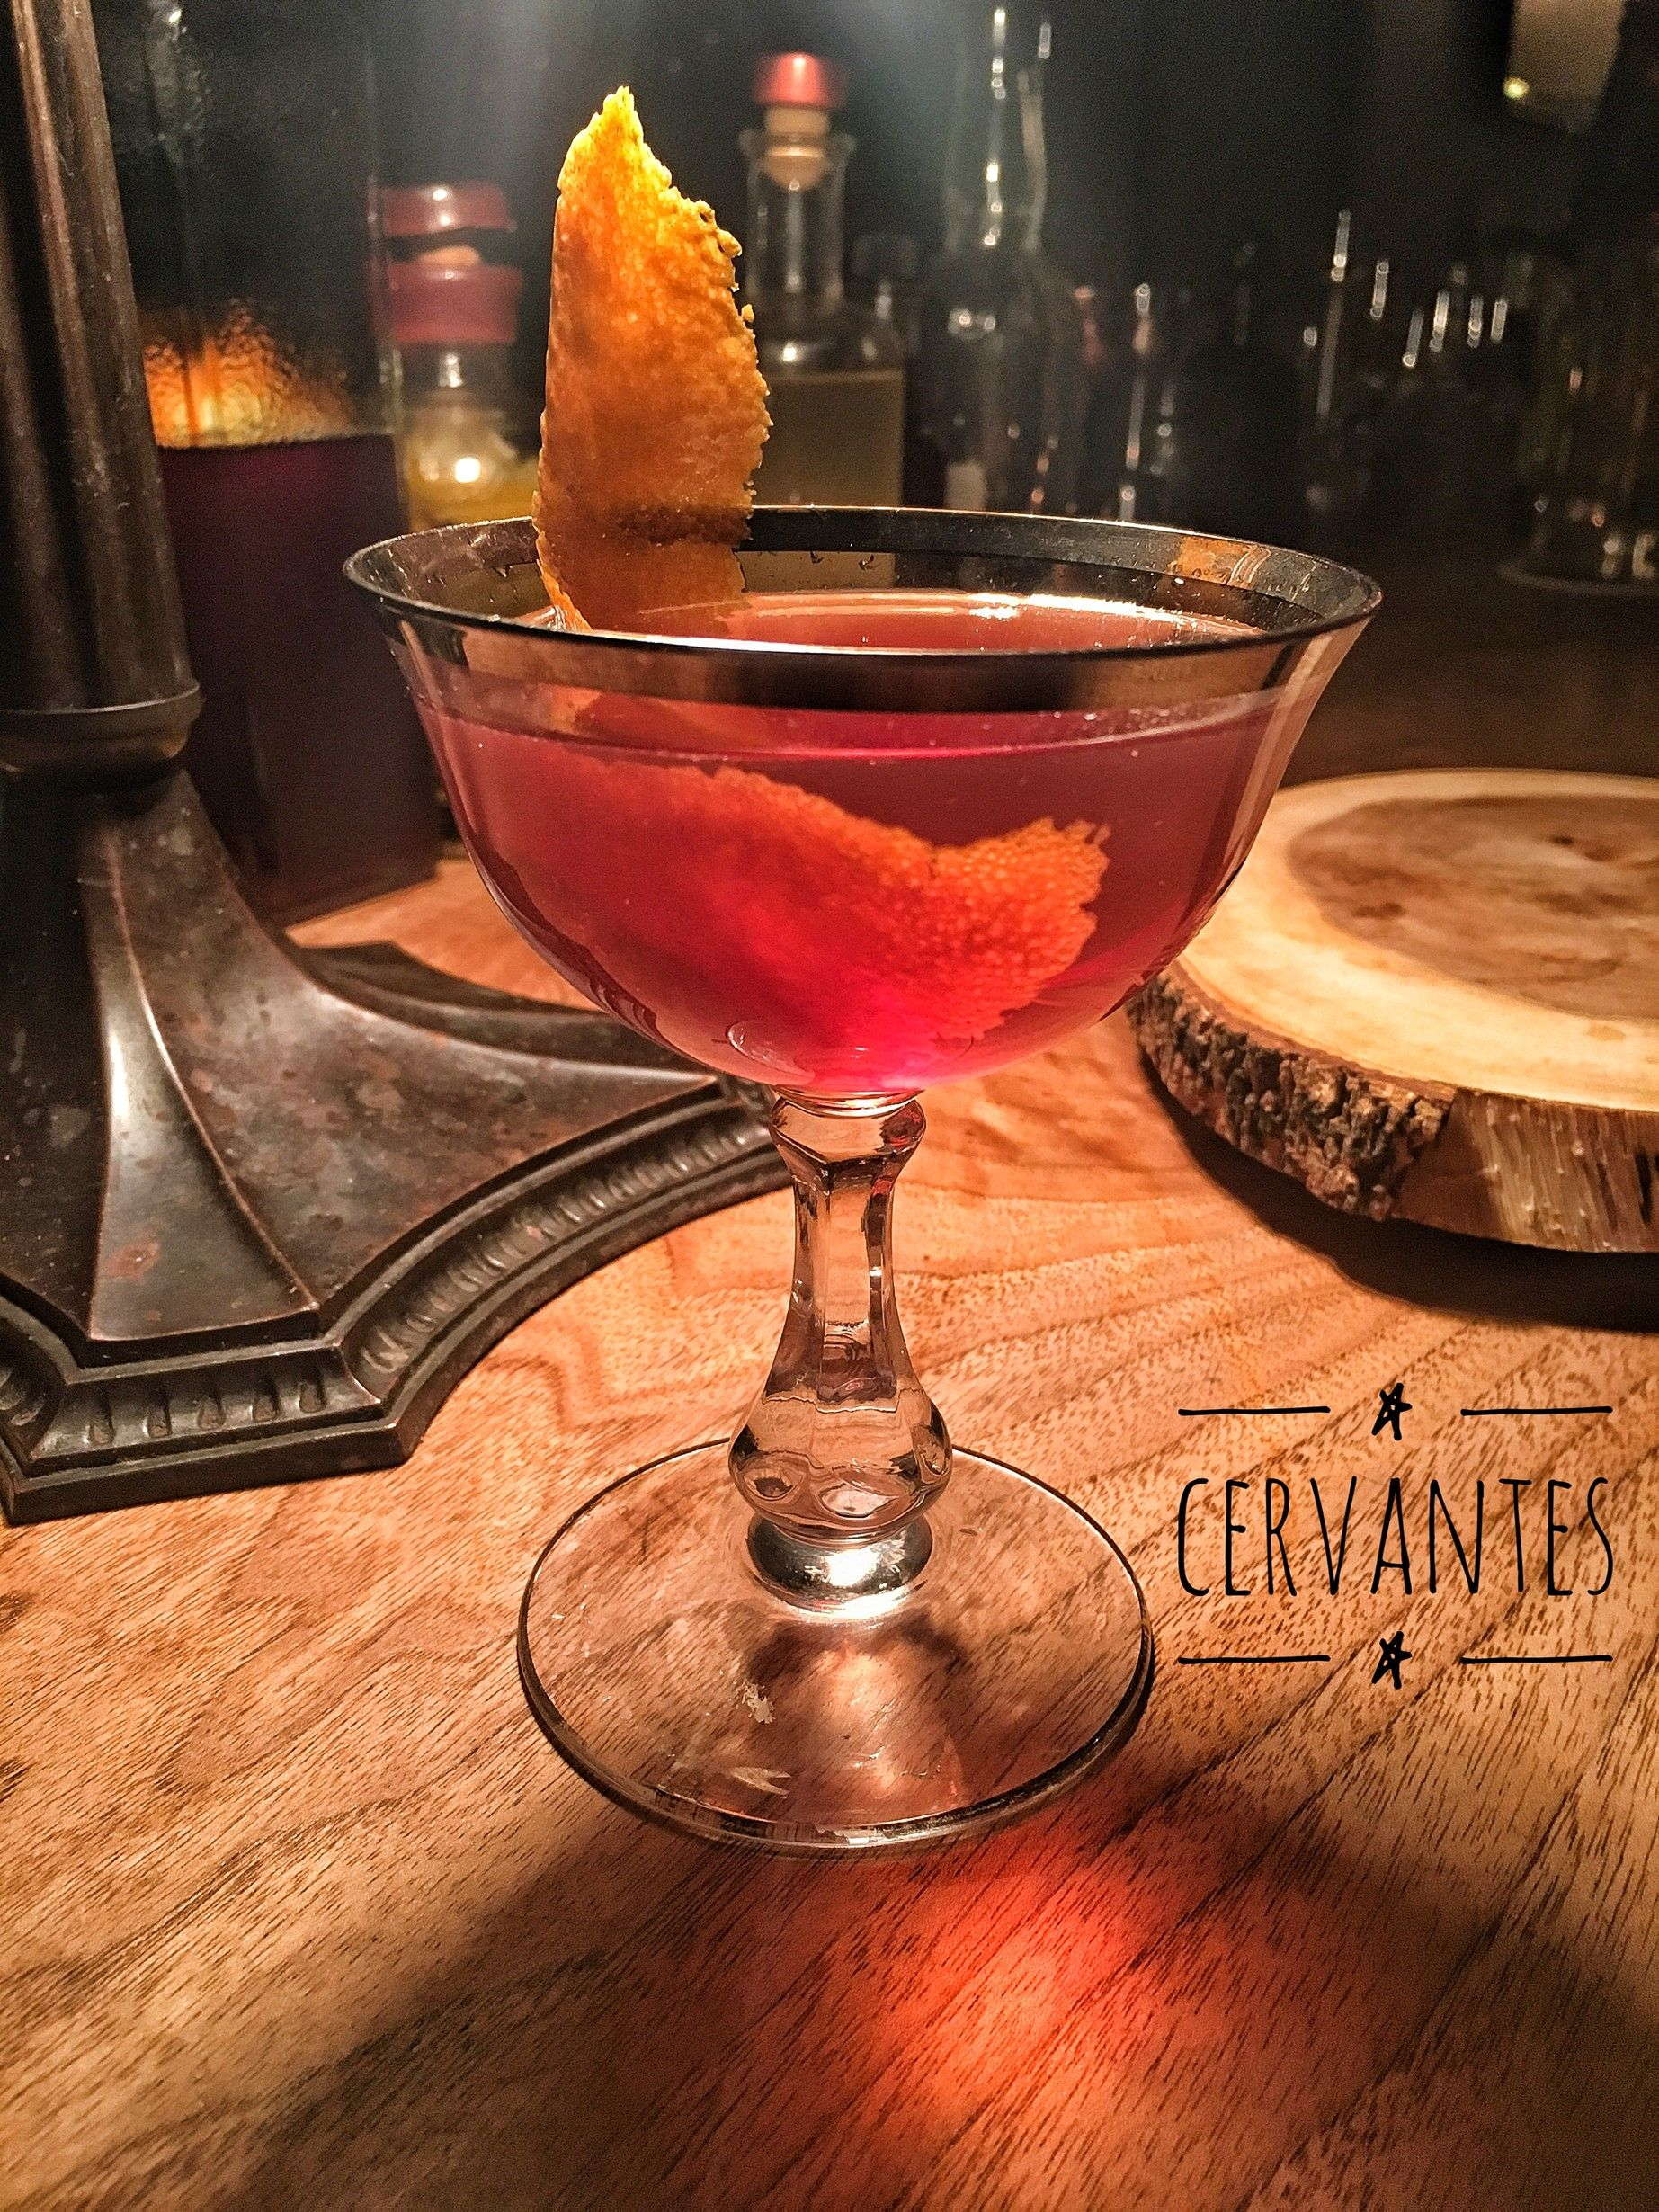 Recipe Cervantes Cocktail Recipes Hudson Valley Hudson Valley Chronogram Cocktails Fun Cocktails Homemade Cocktails